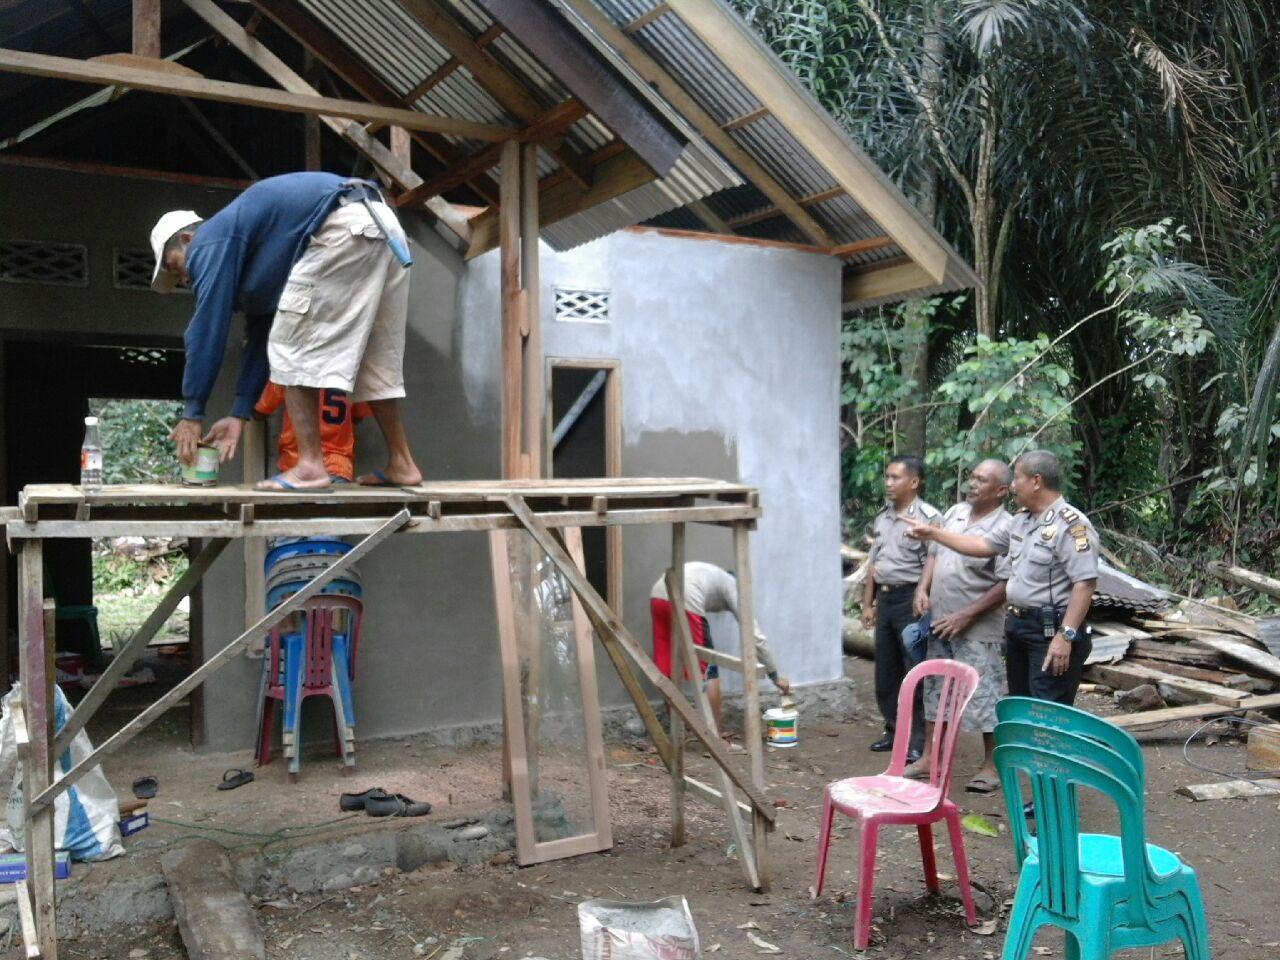 Bedah Rumah Program Jumat Sedekah Polres Bengkulu Selatan